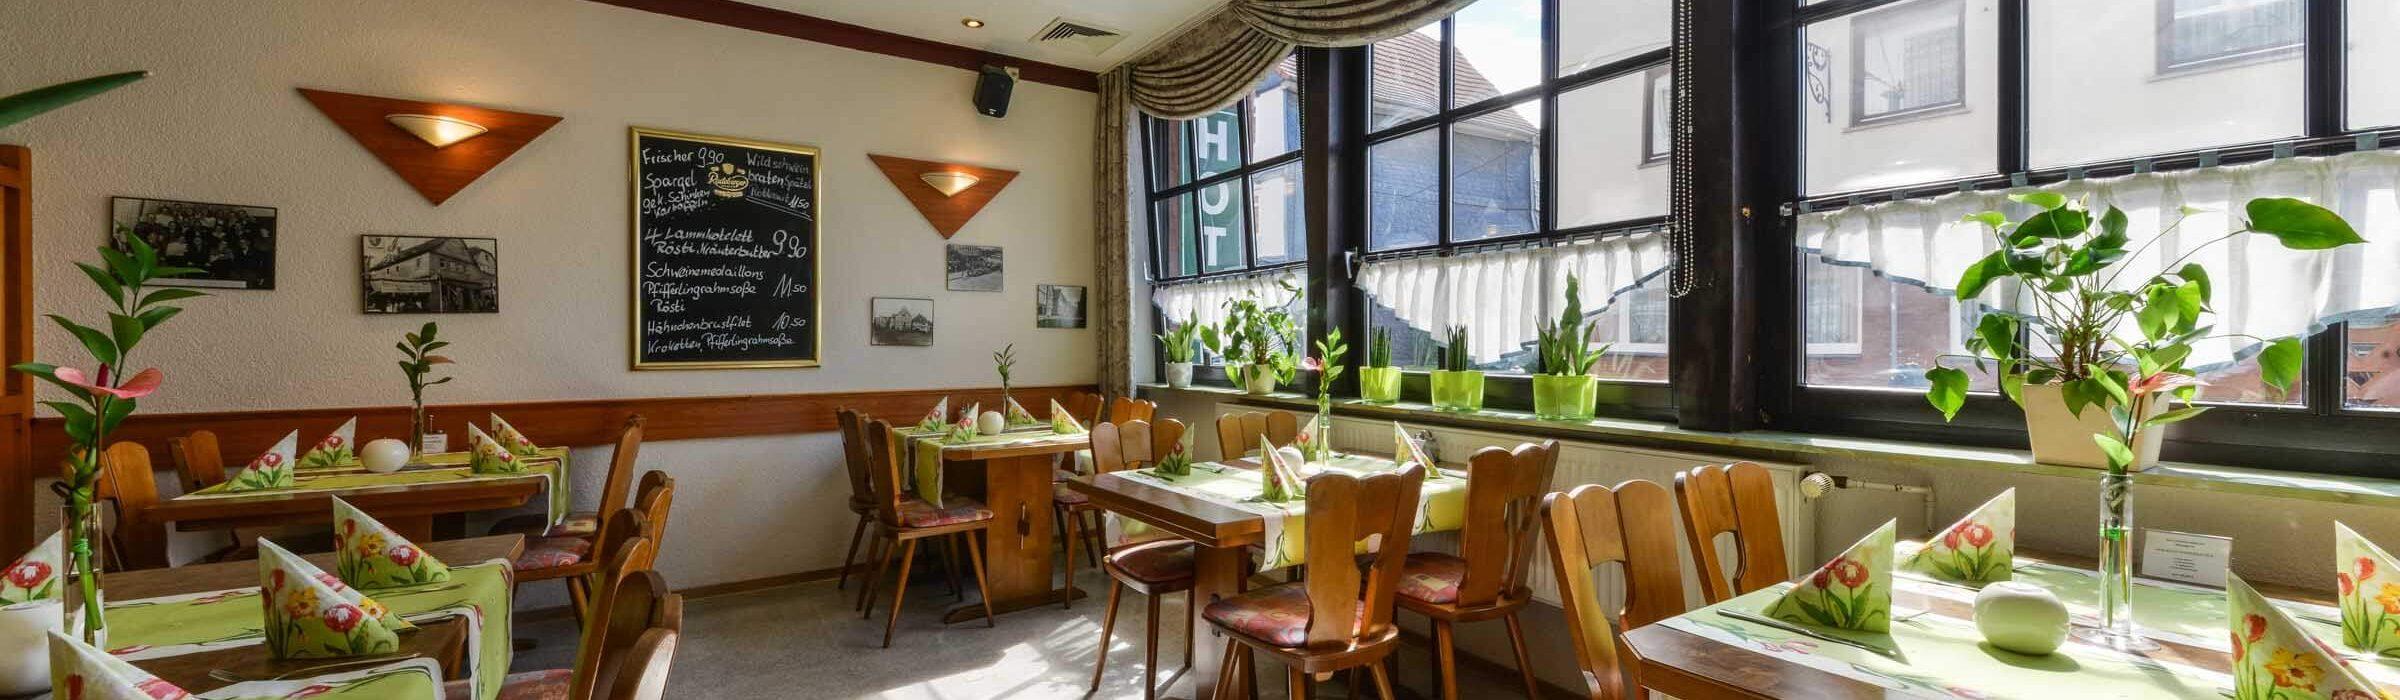 Hotel Restaurant Hessischer Hof Kirchhain - Restaurant